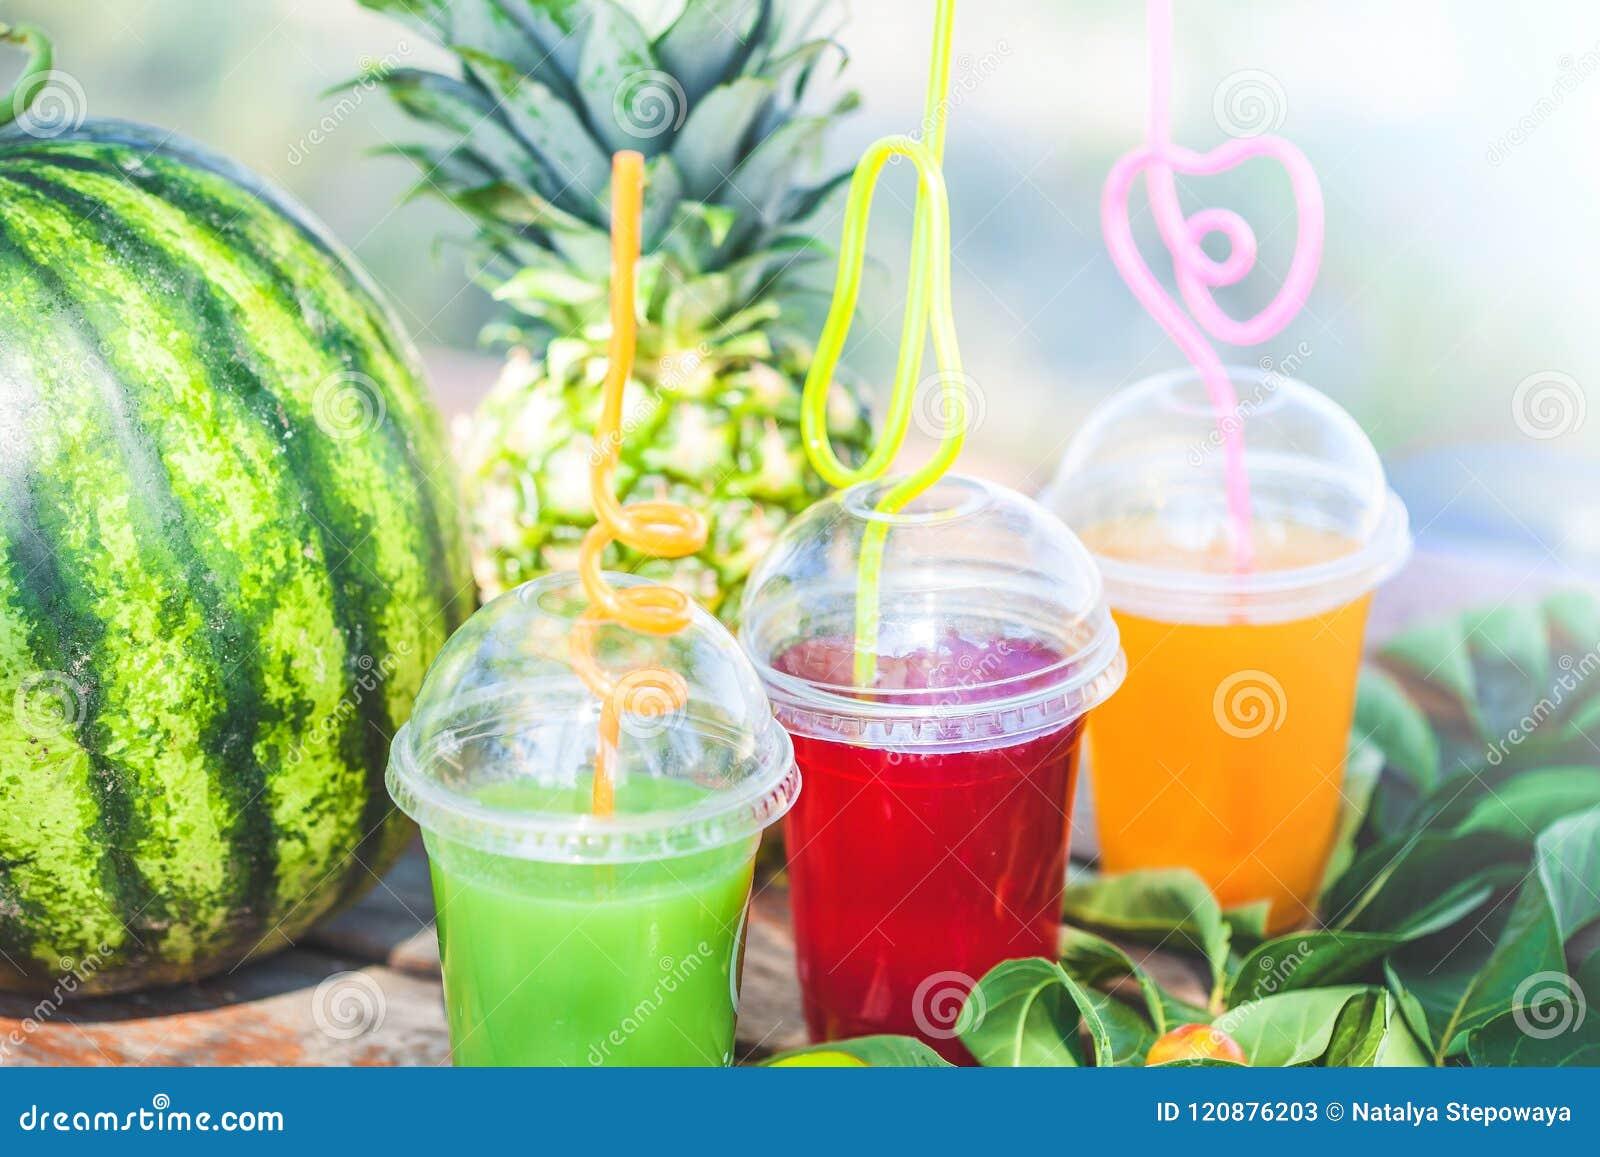 Verse gezonde sappen, fruit, ananas, watermeloen op de achtergrond van het overzees De zomer, rust, gezond levensstijlexemplaar